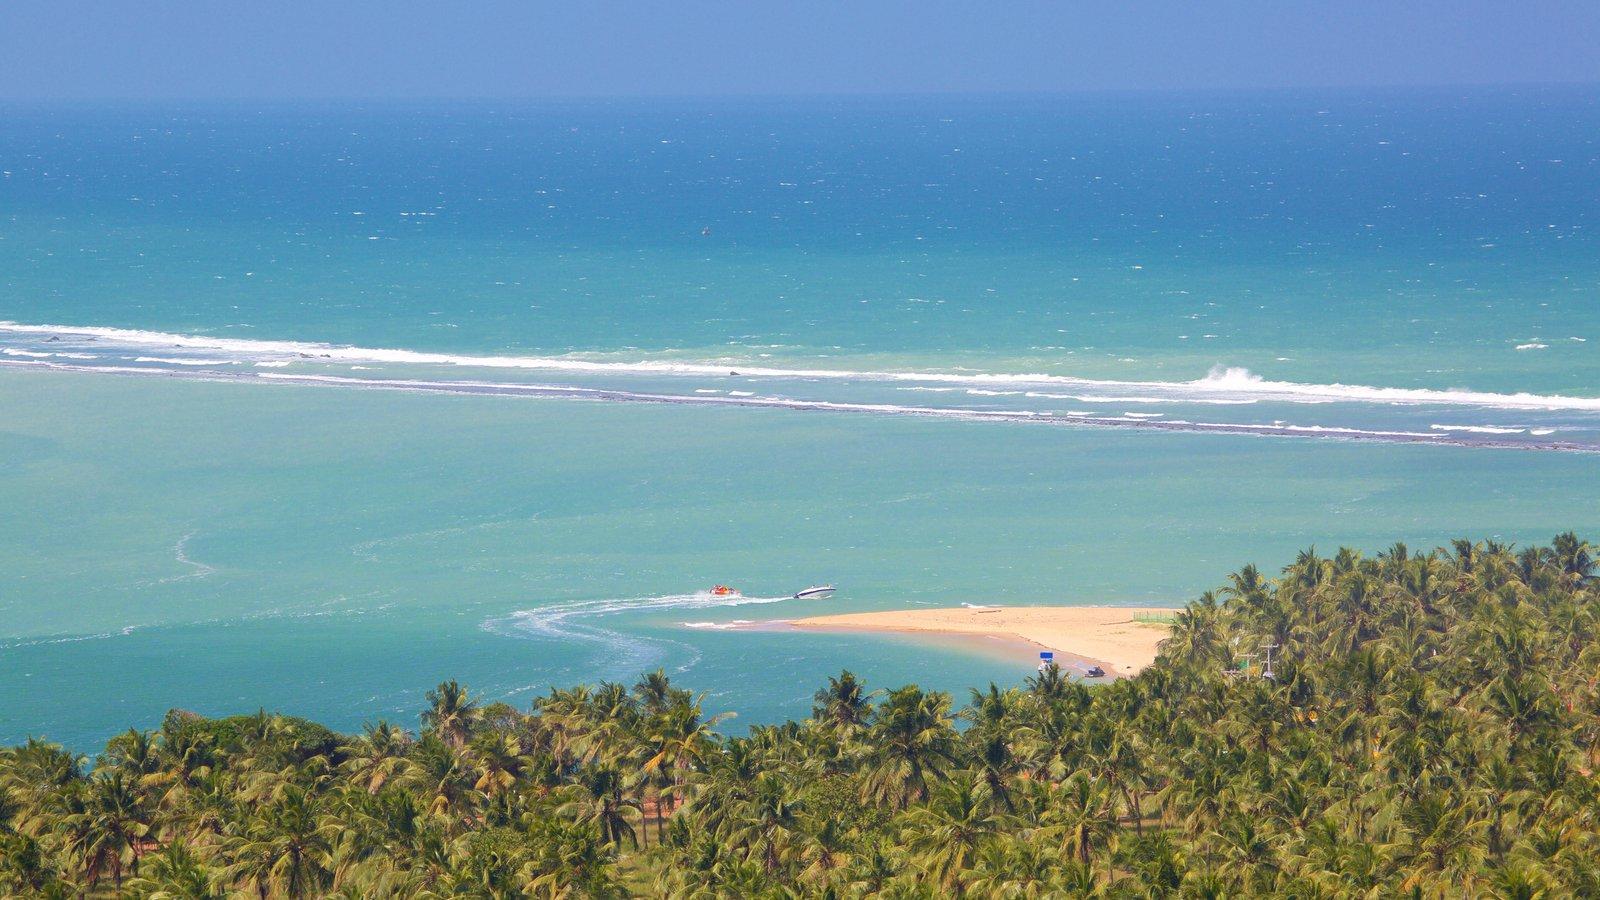 Maceió que inclui paisagens litorâneas, cenas tropicais e uma praia de areia